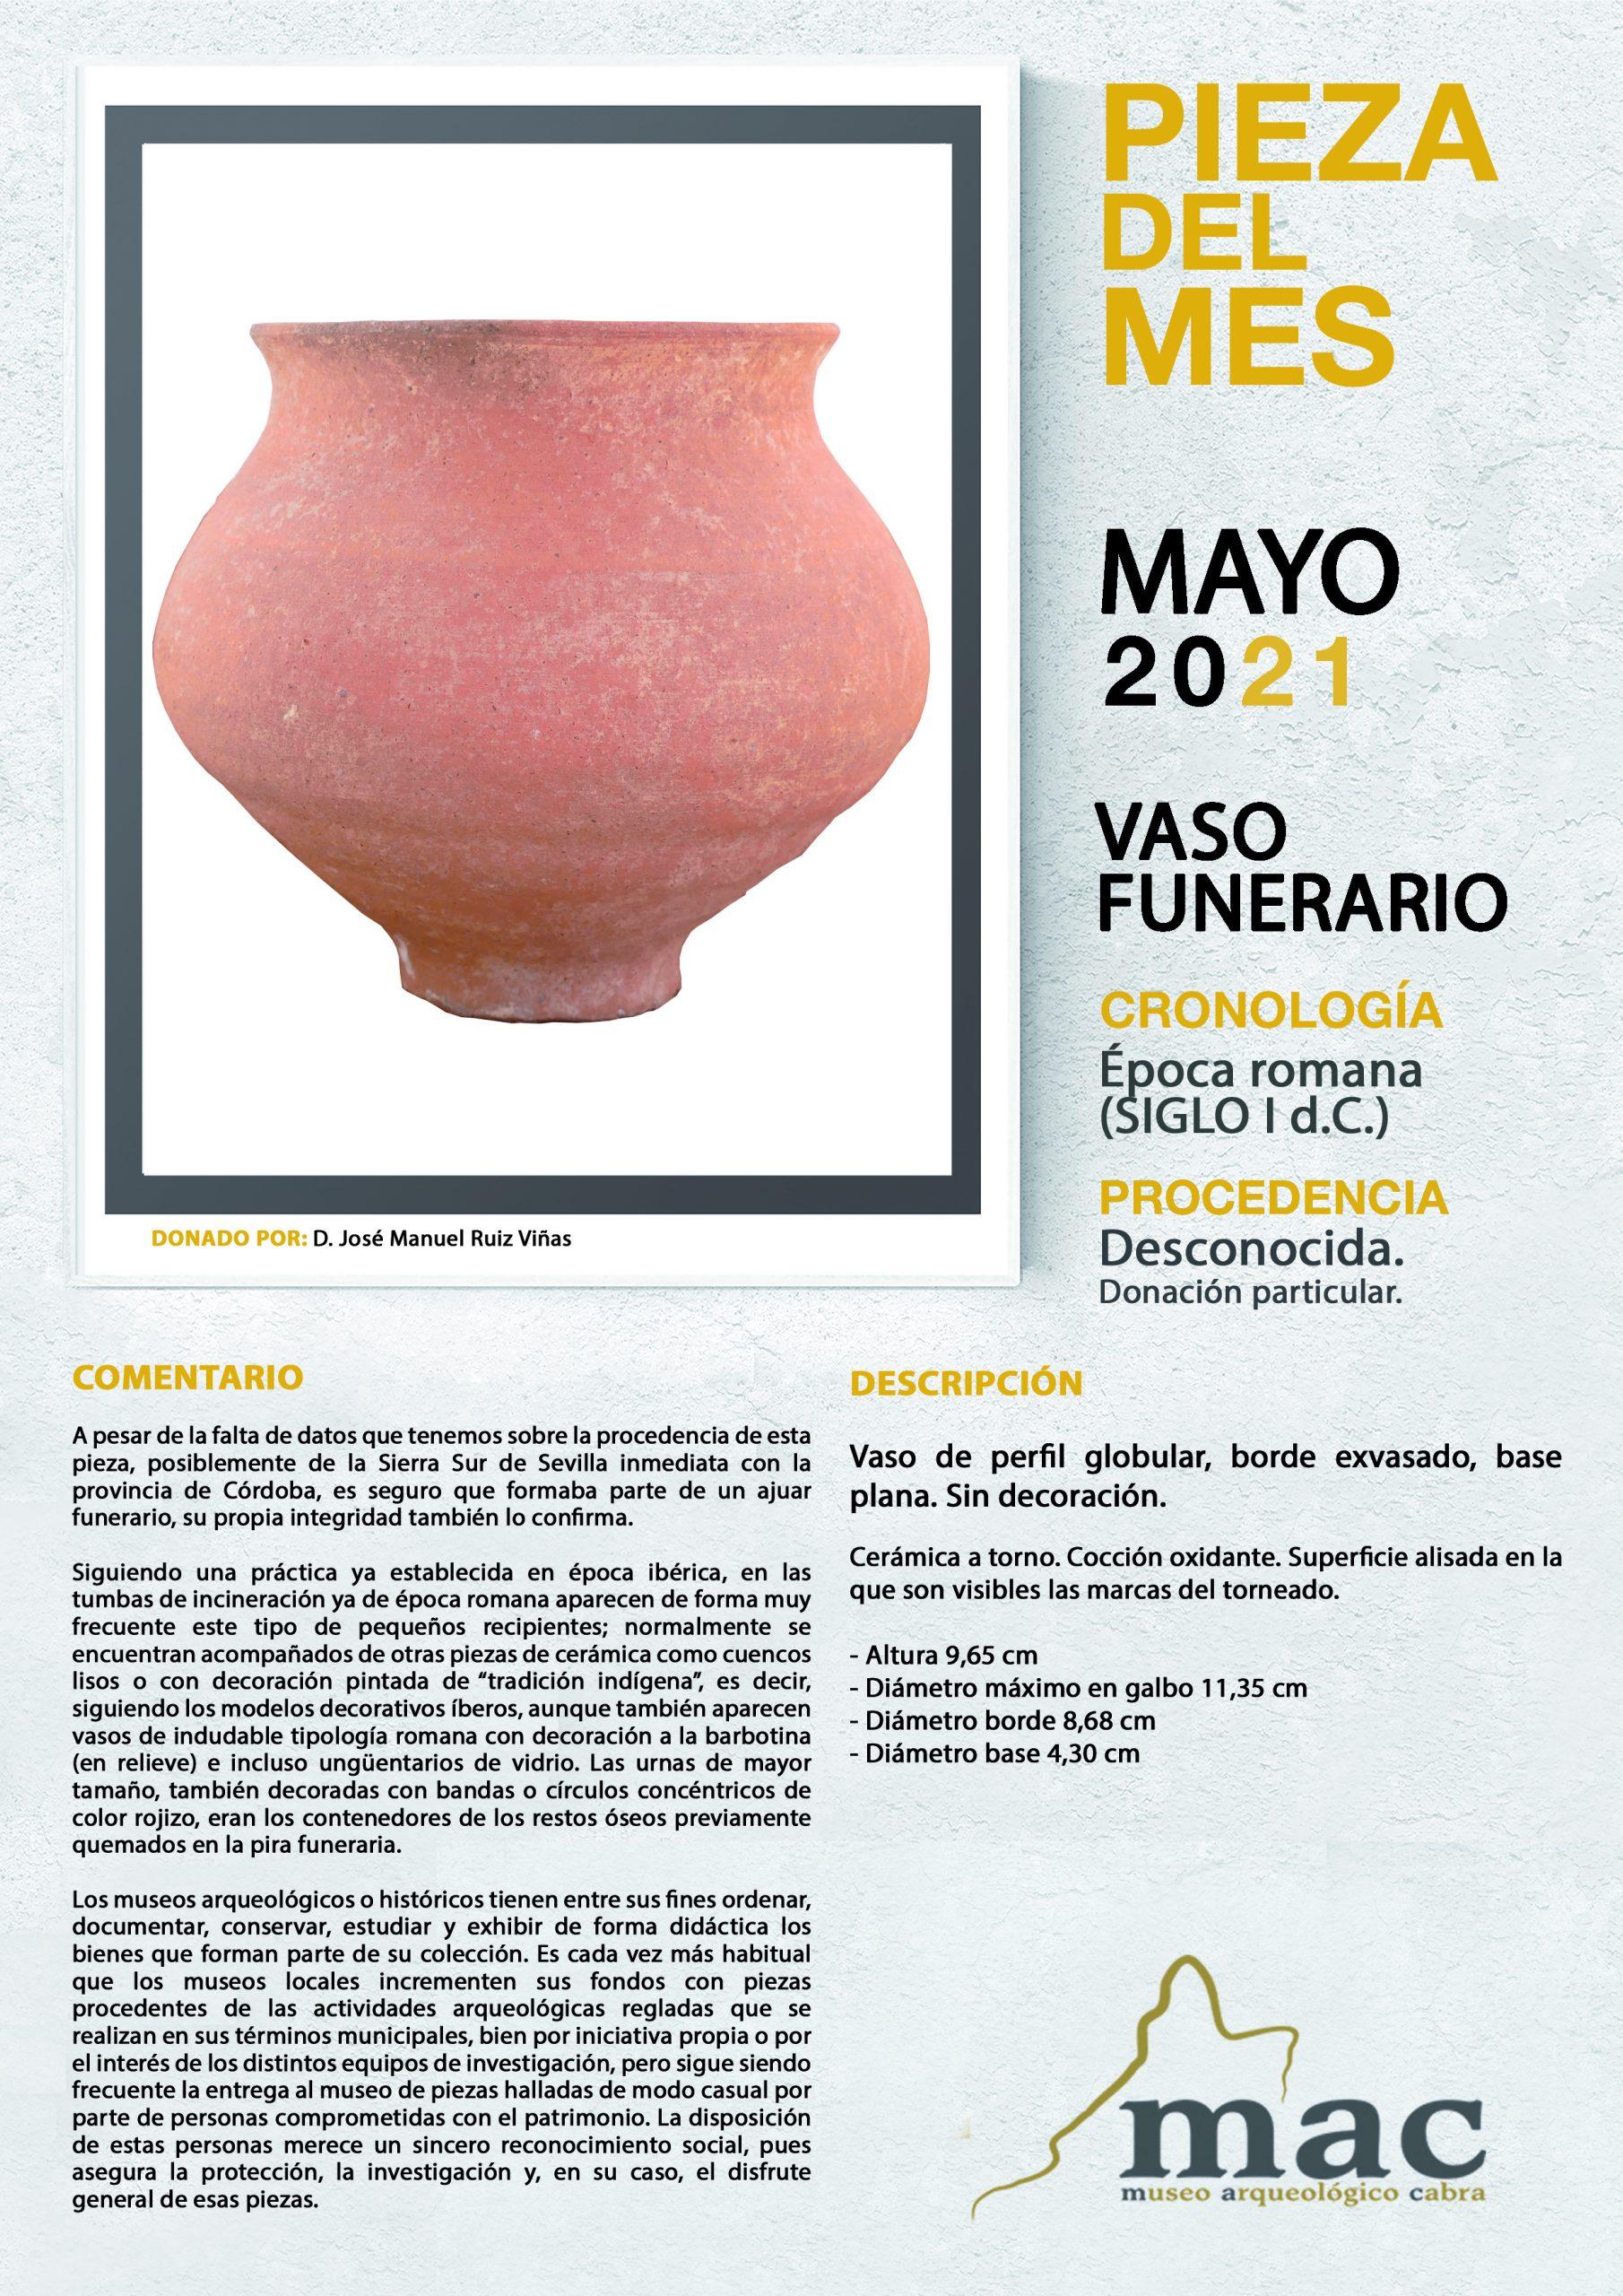 El Museo Arqueológico Municipal recupera la presentación de la Pieza del Mes